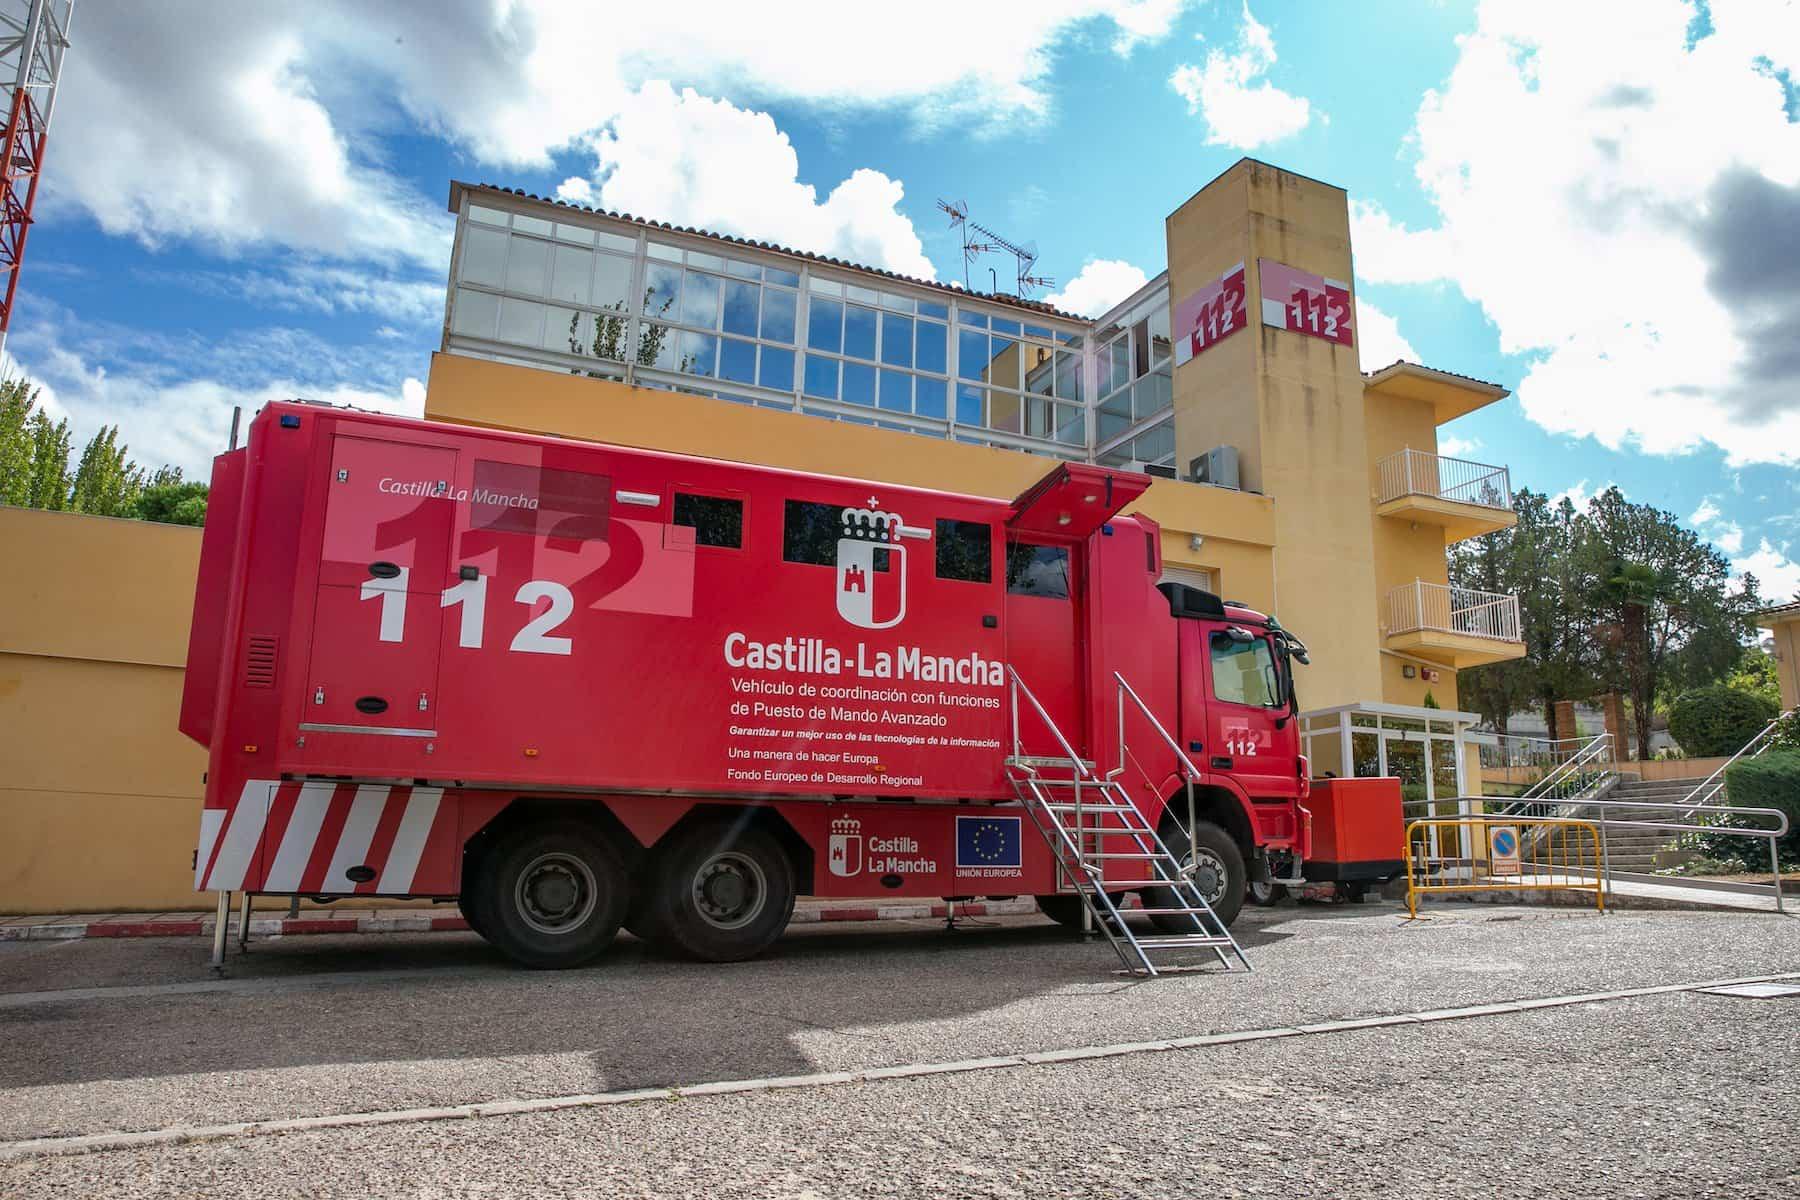 emergencias 112 - Alerta en toda Castilla-La Mancha por fuertes vientos y nevadas